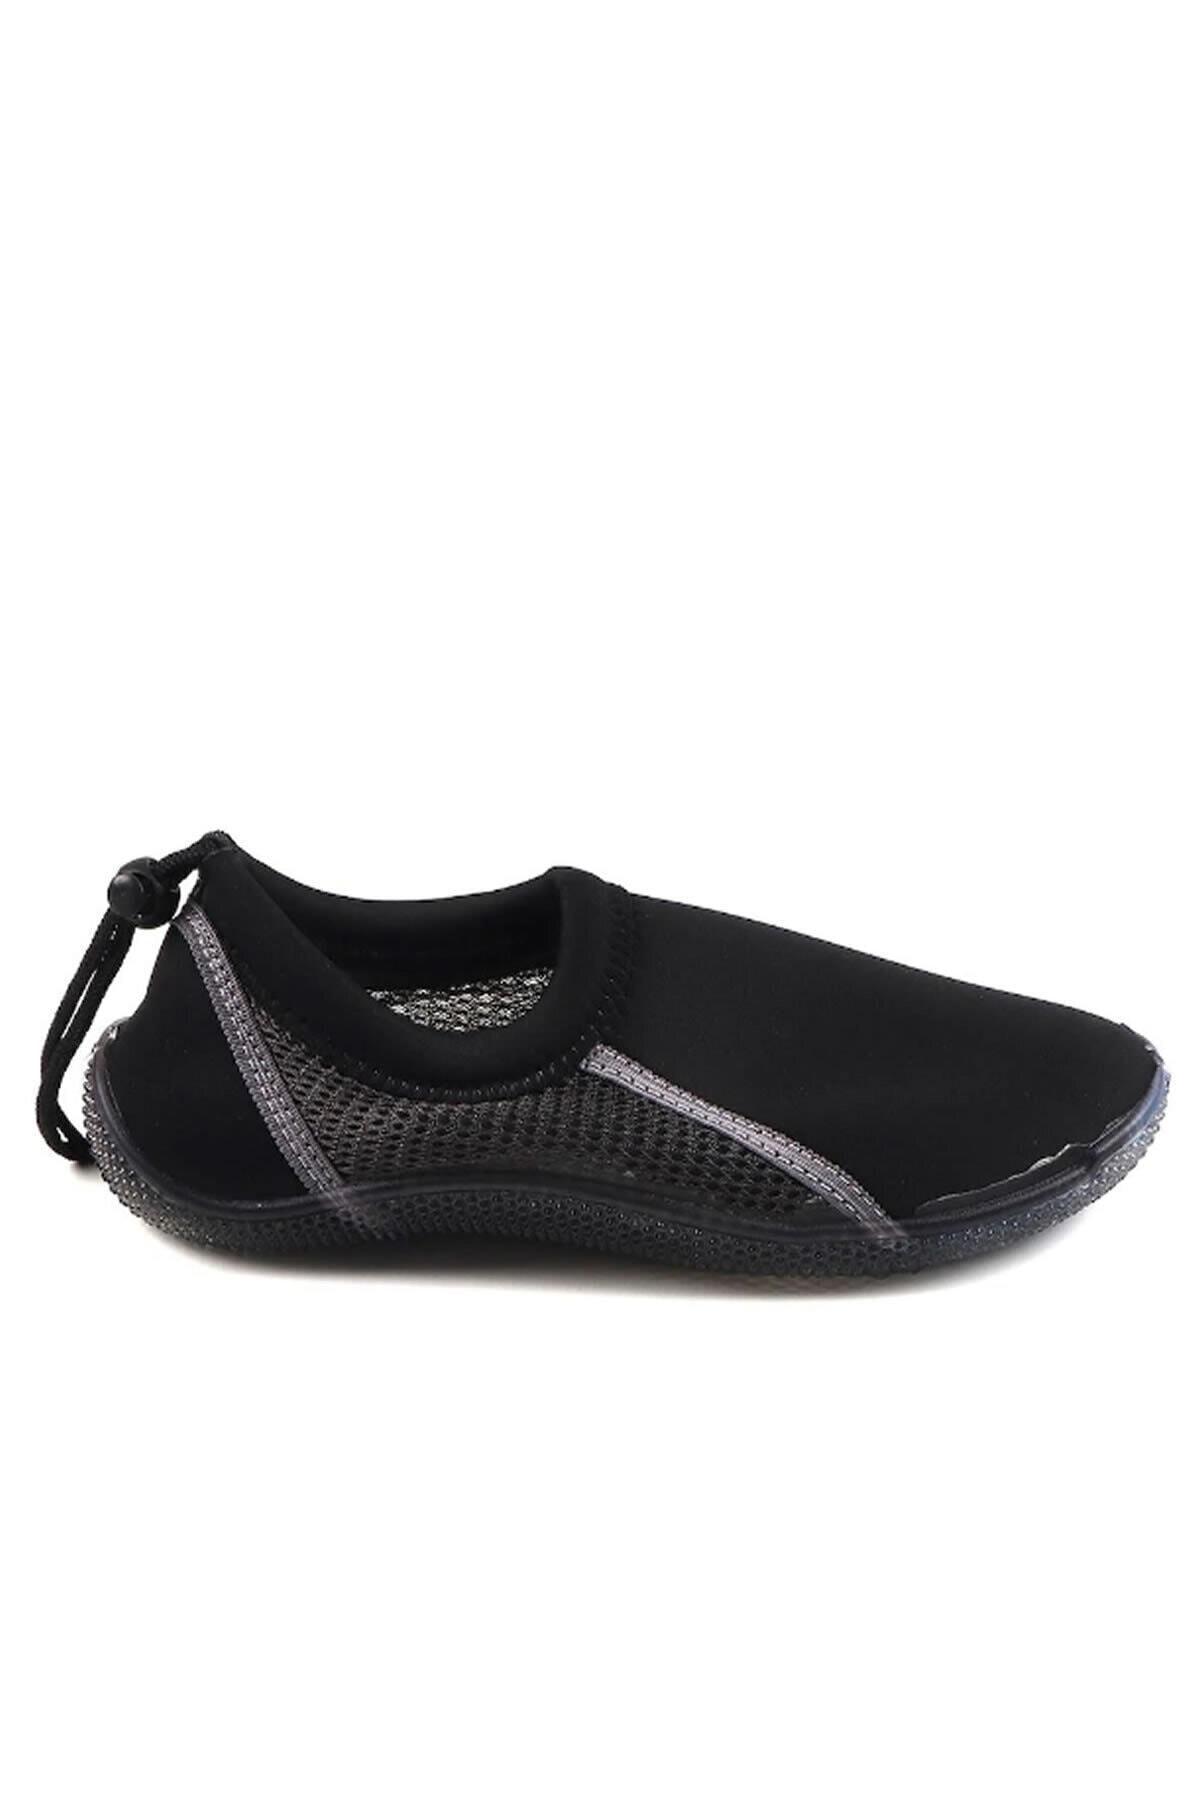 Deniz Ayakkabısı Gri